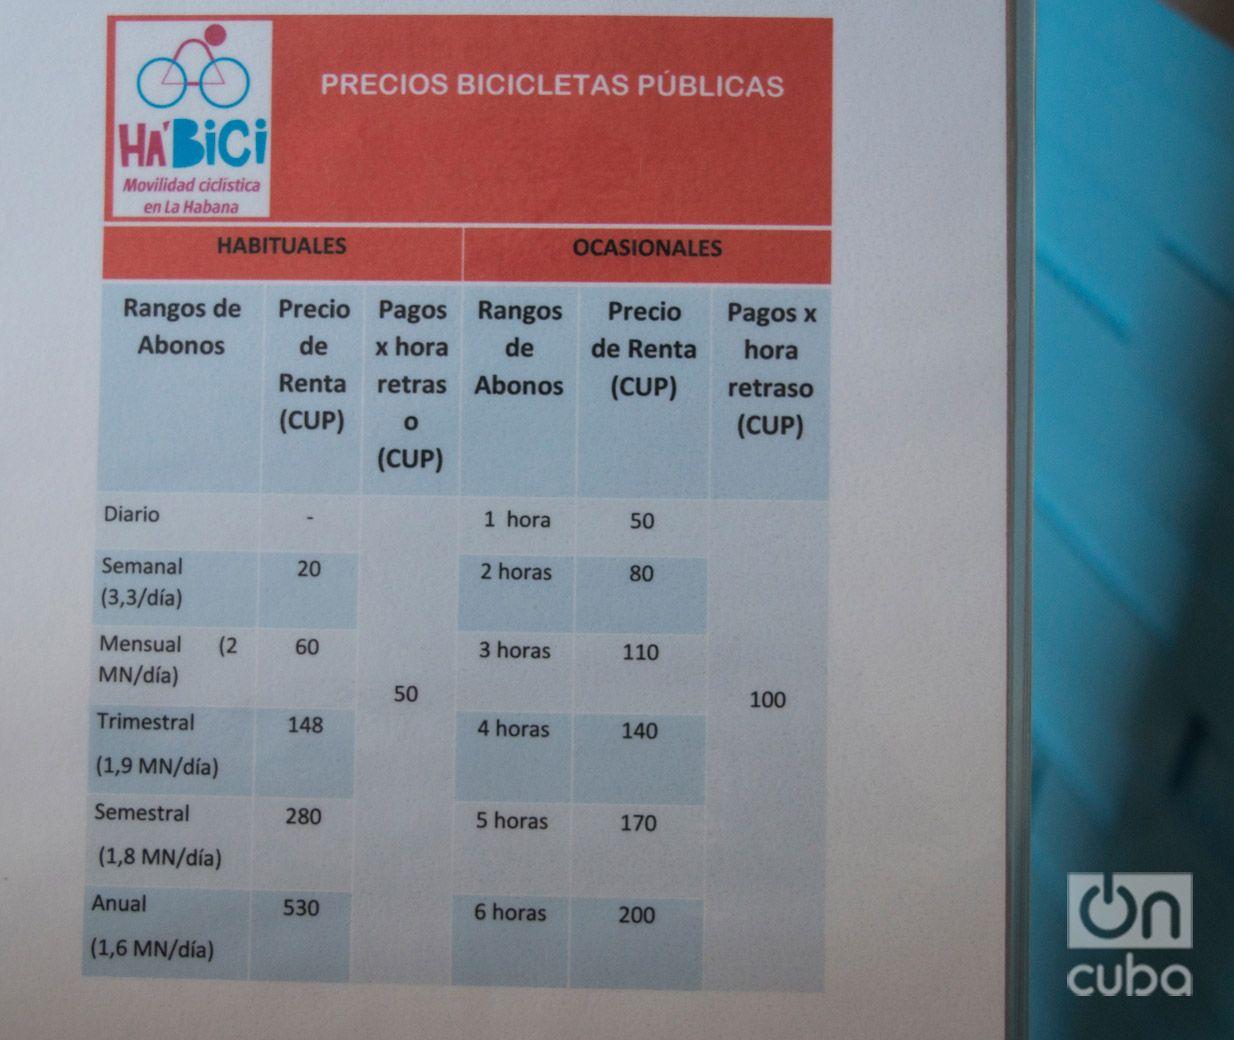 Tarifas de precios del sistema de bicicletas públicas Ha'Bici. Foto: Otmaro Rodríguez.